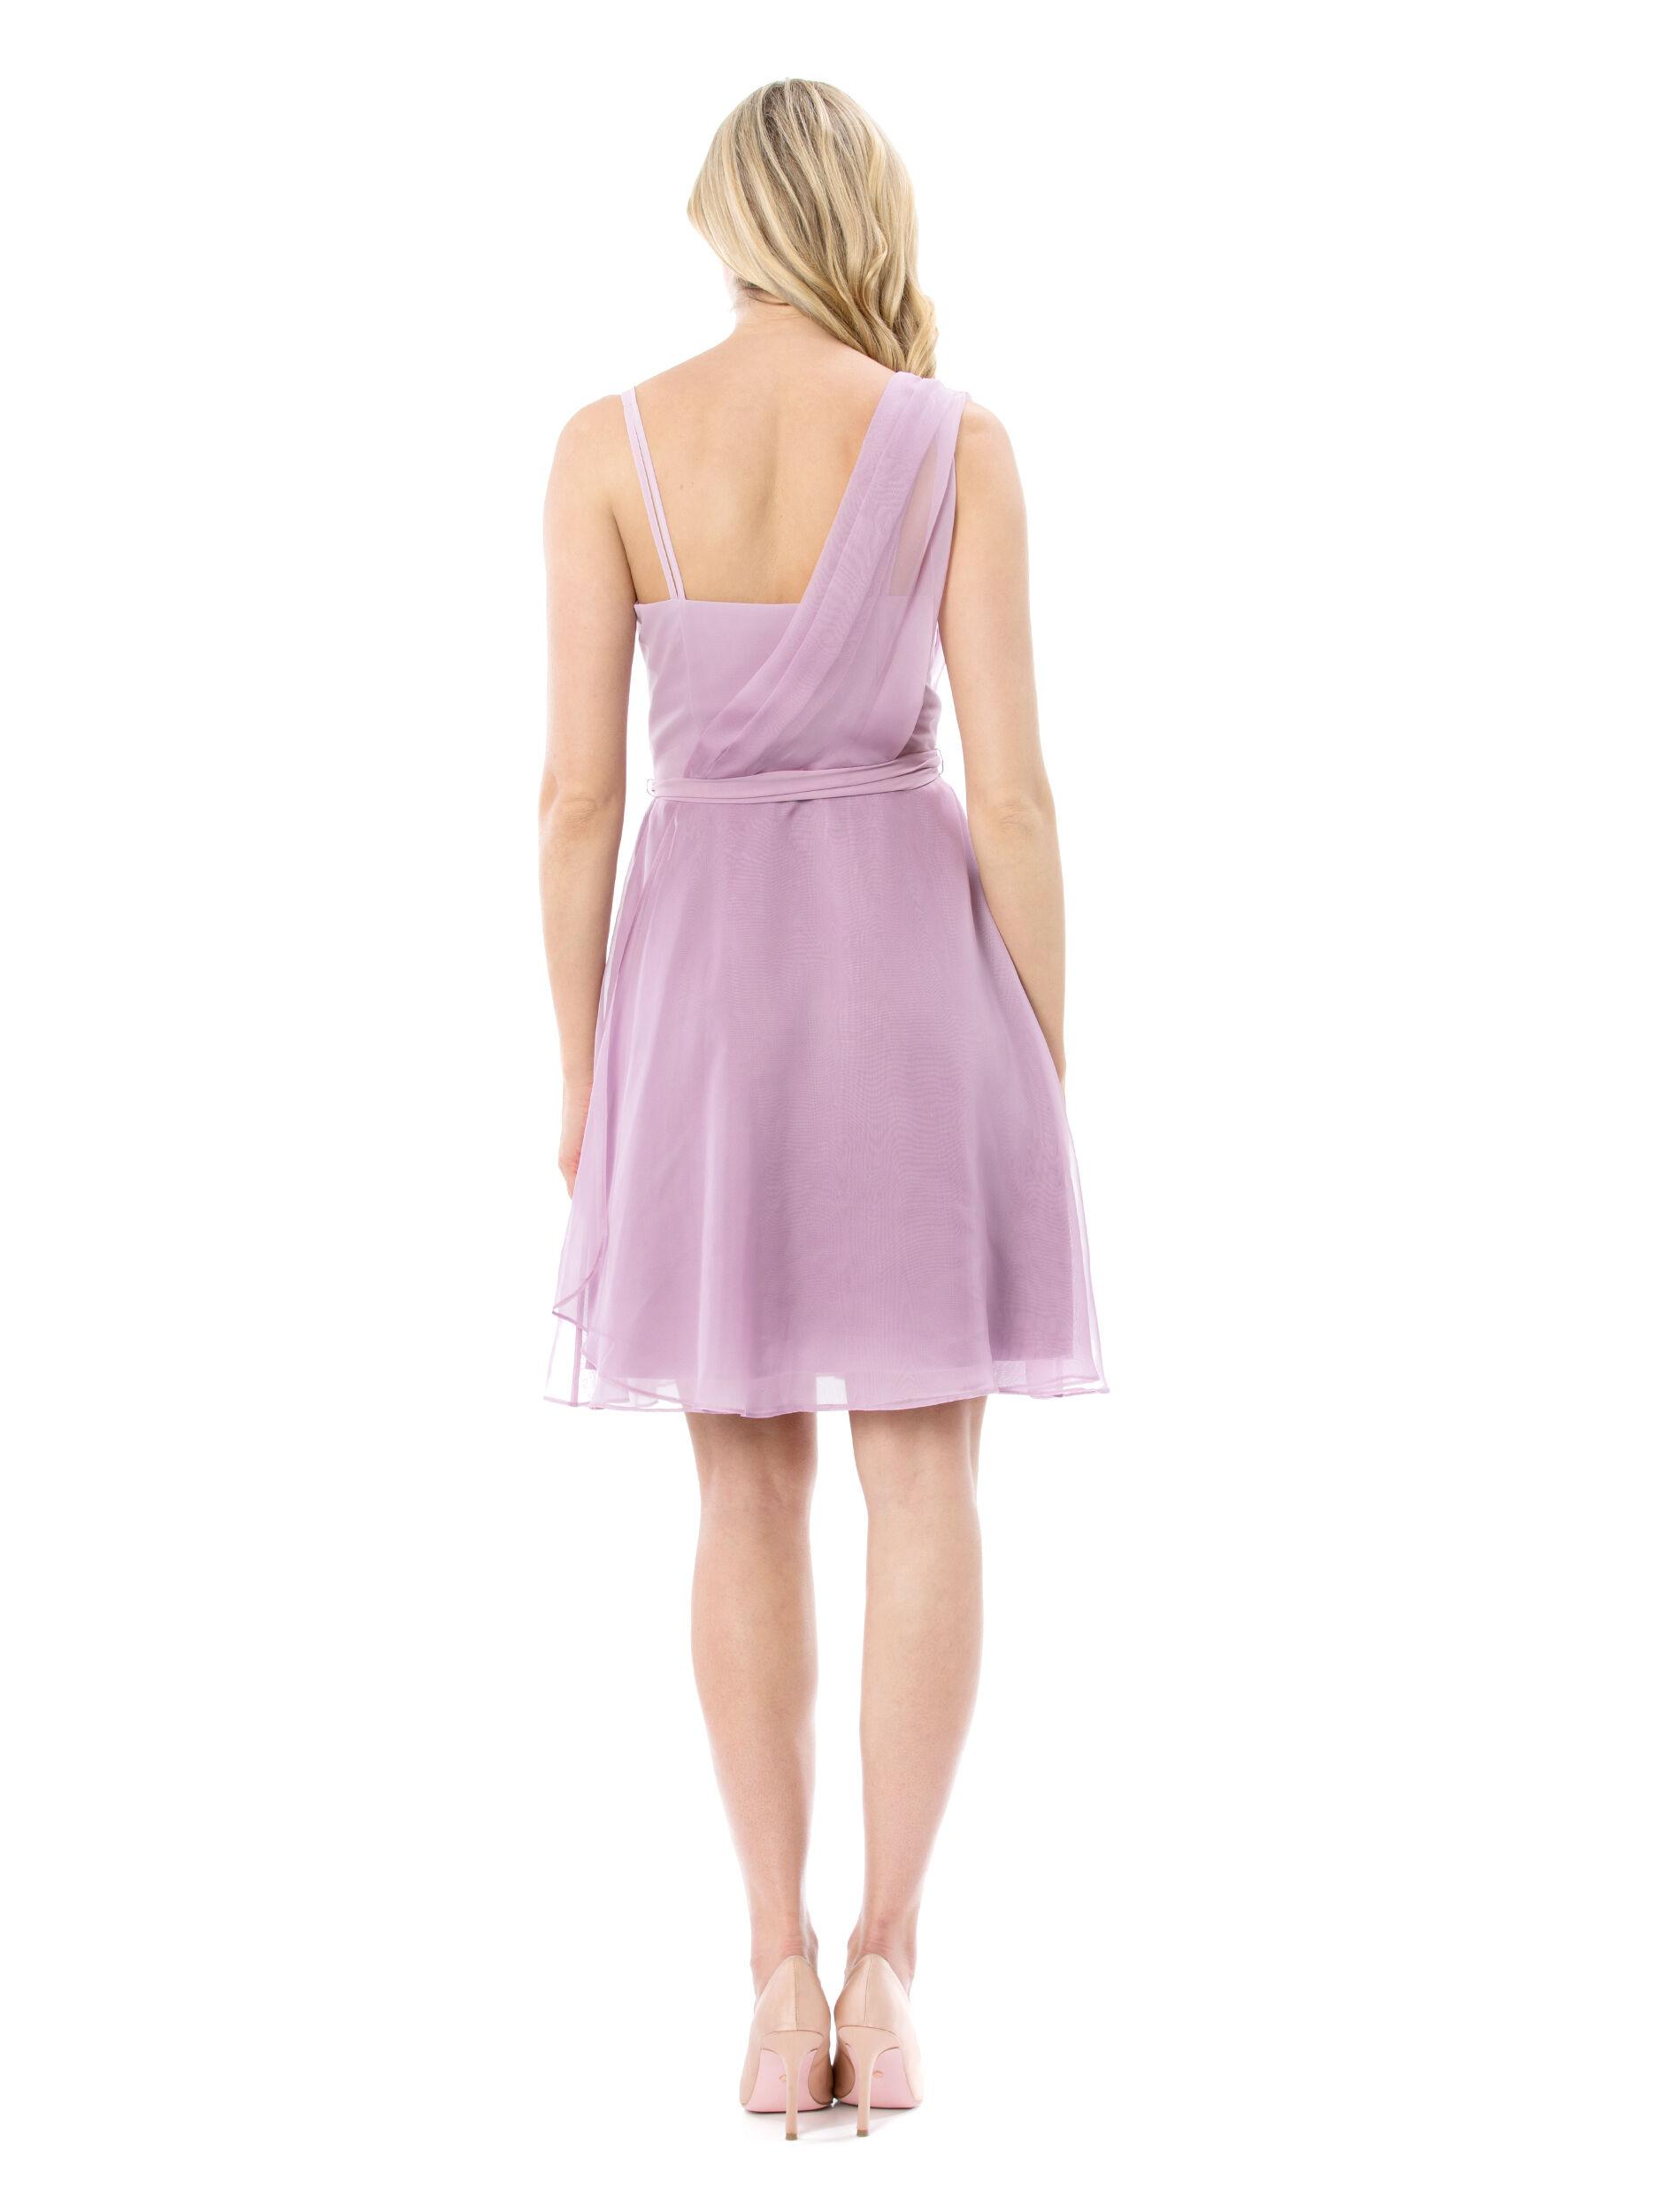 Beauty School Dropout Dress